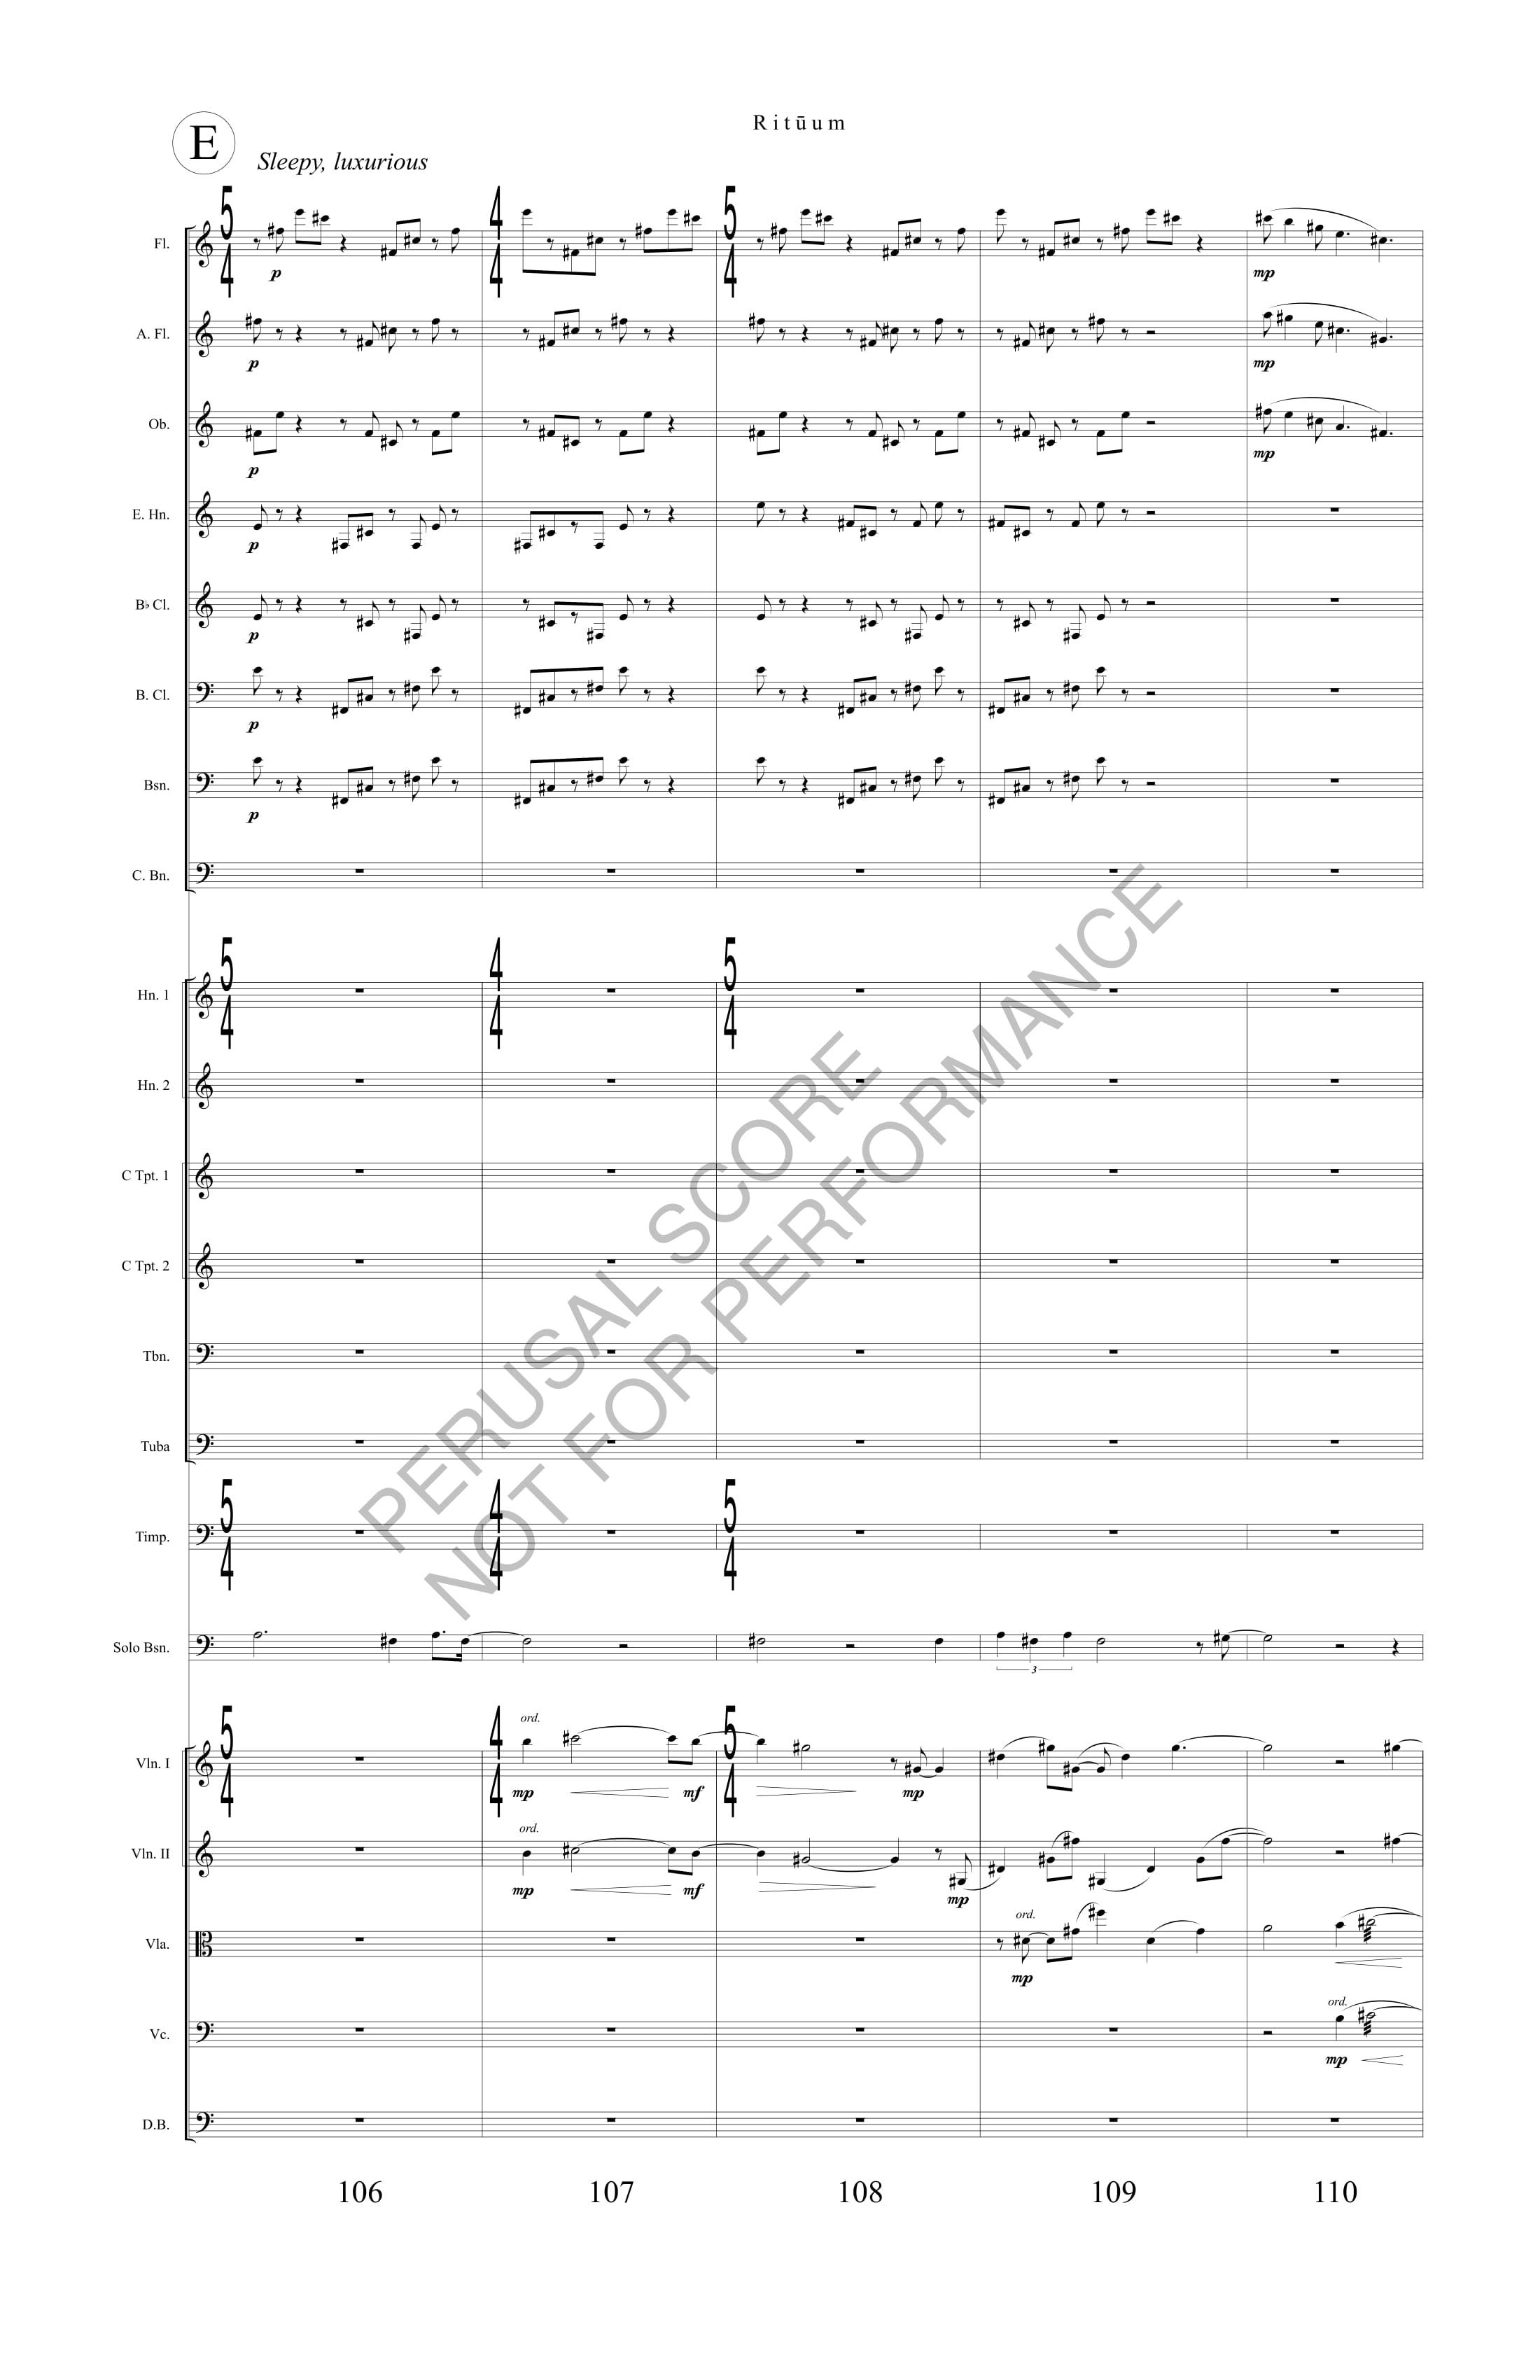 Boyd Rituum Score-watermark (1)-28.jpg